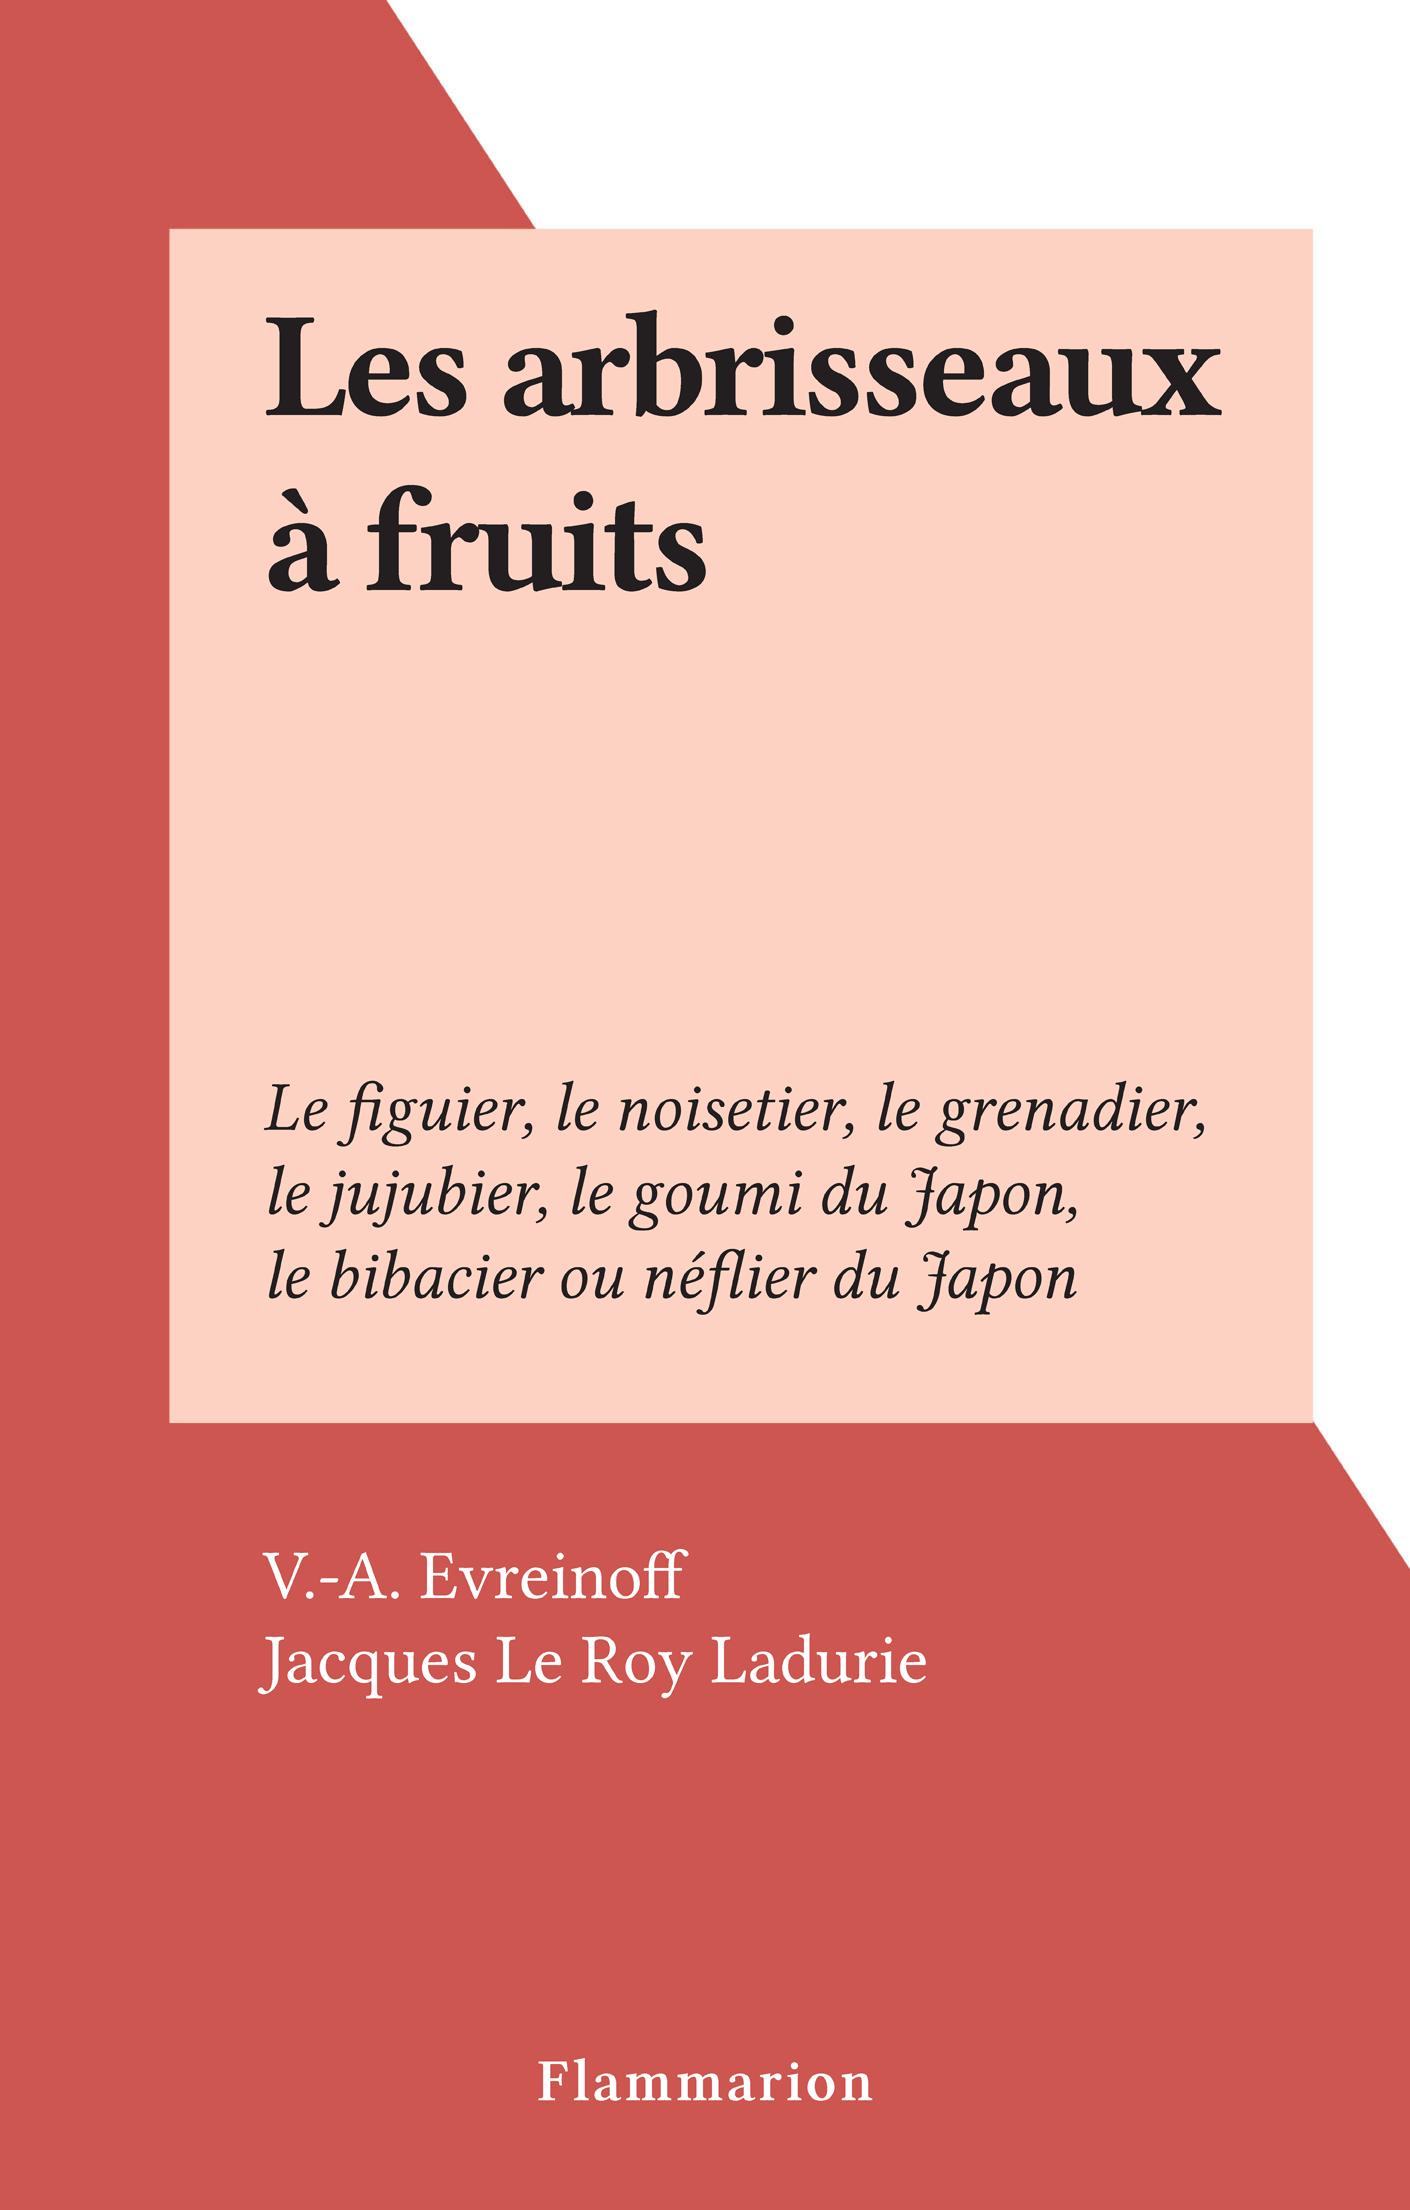 Les arbrisseaux à fruits